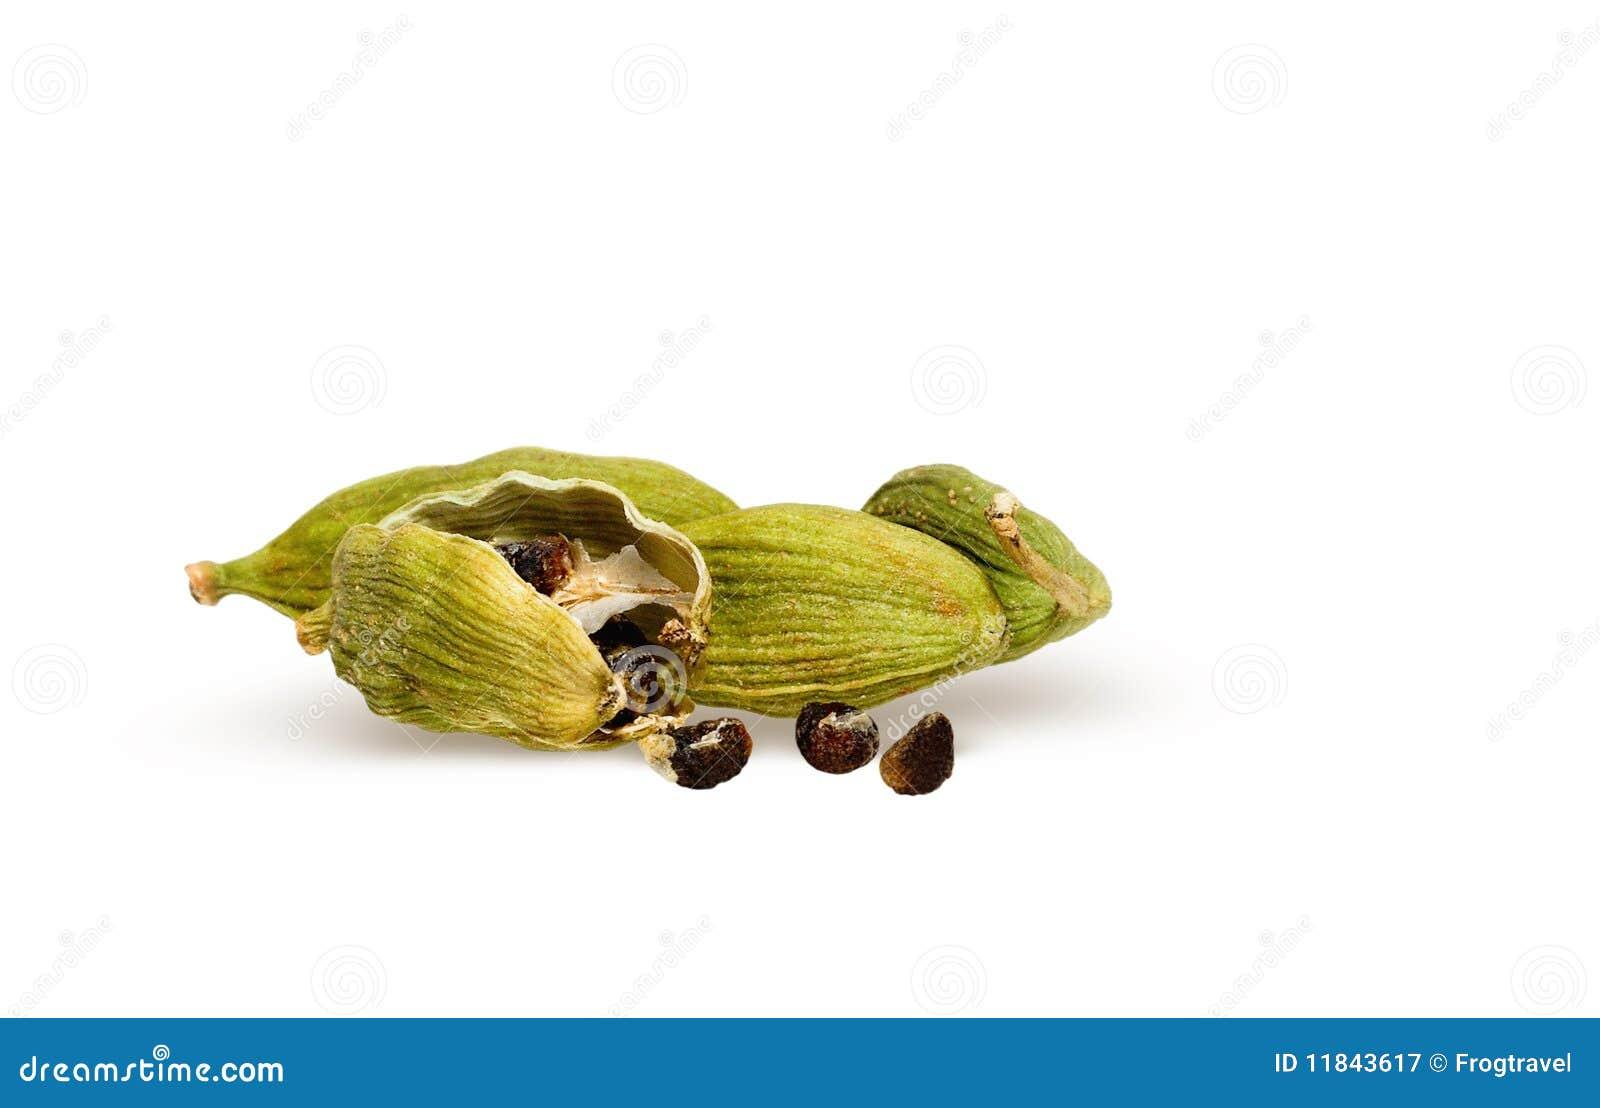 豆蔻果实荚